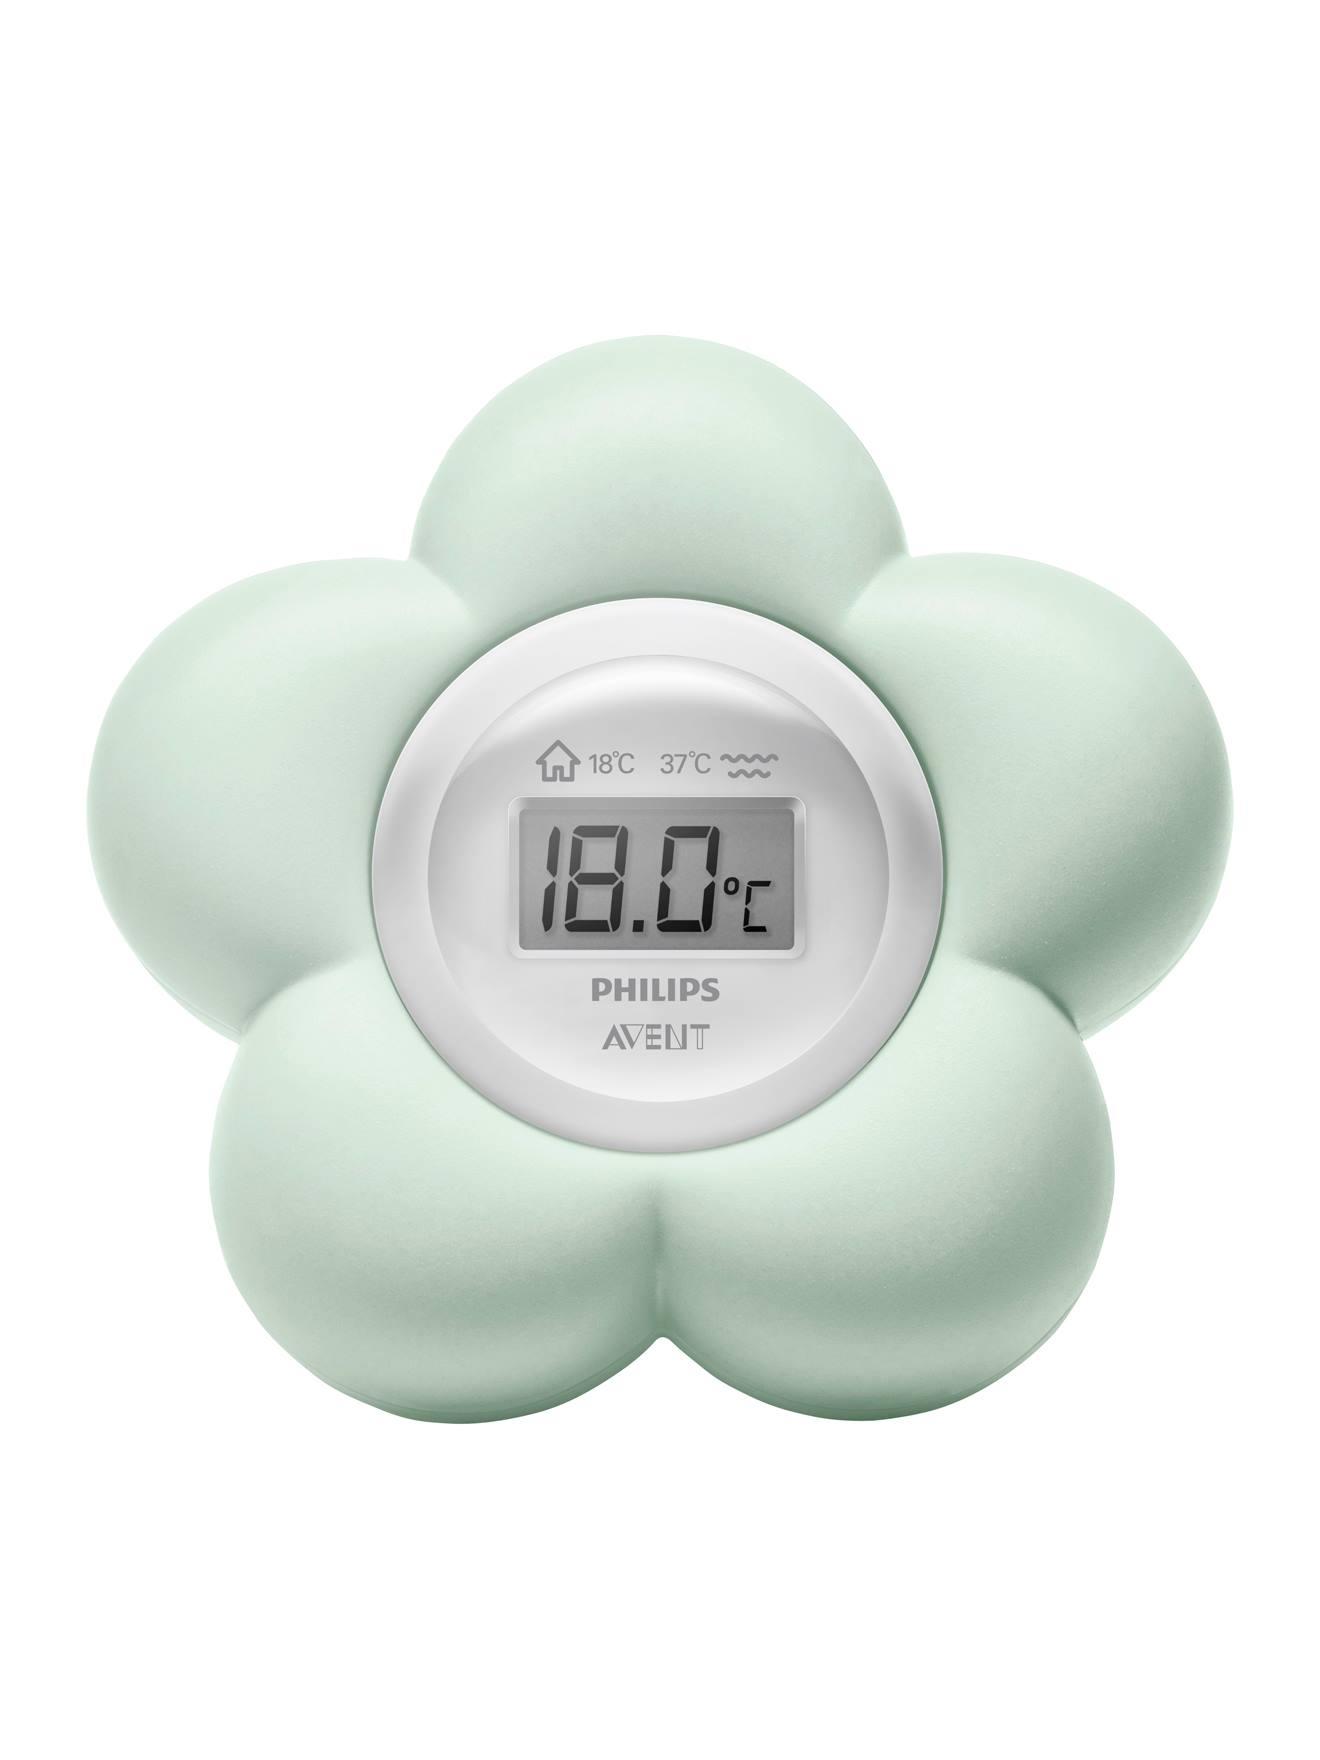 Thermomètre numérique 2 en 1 Philips AVENT forme fleur vert